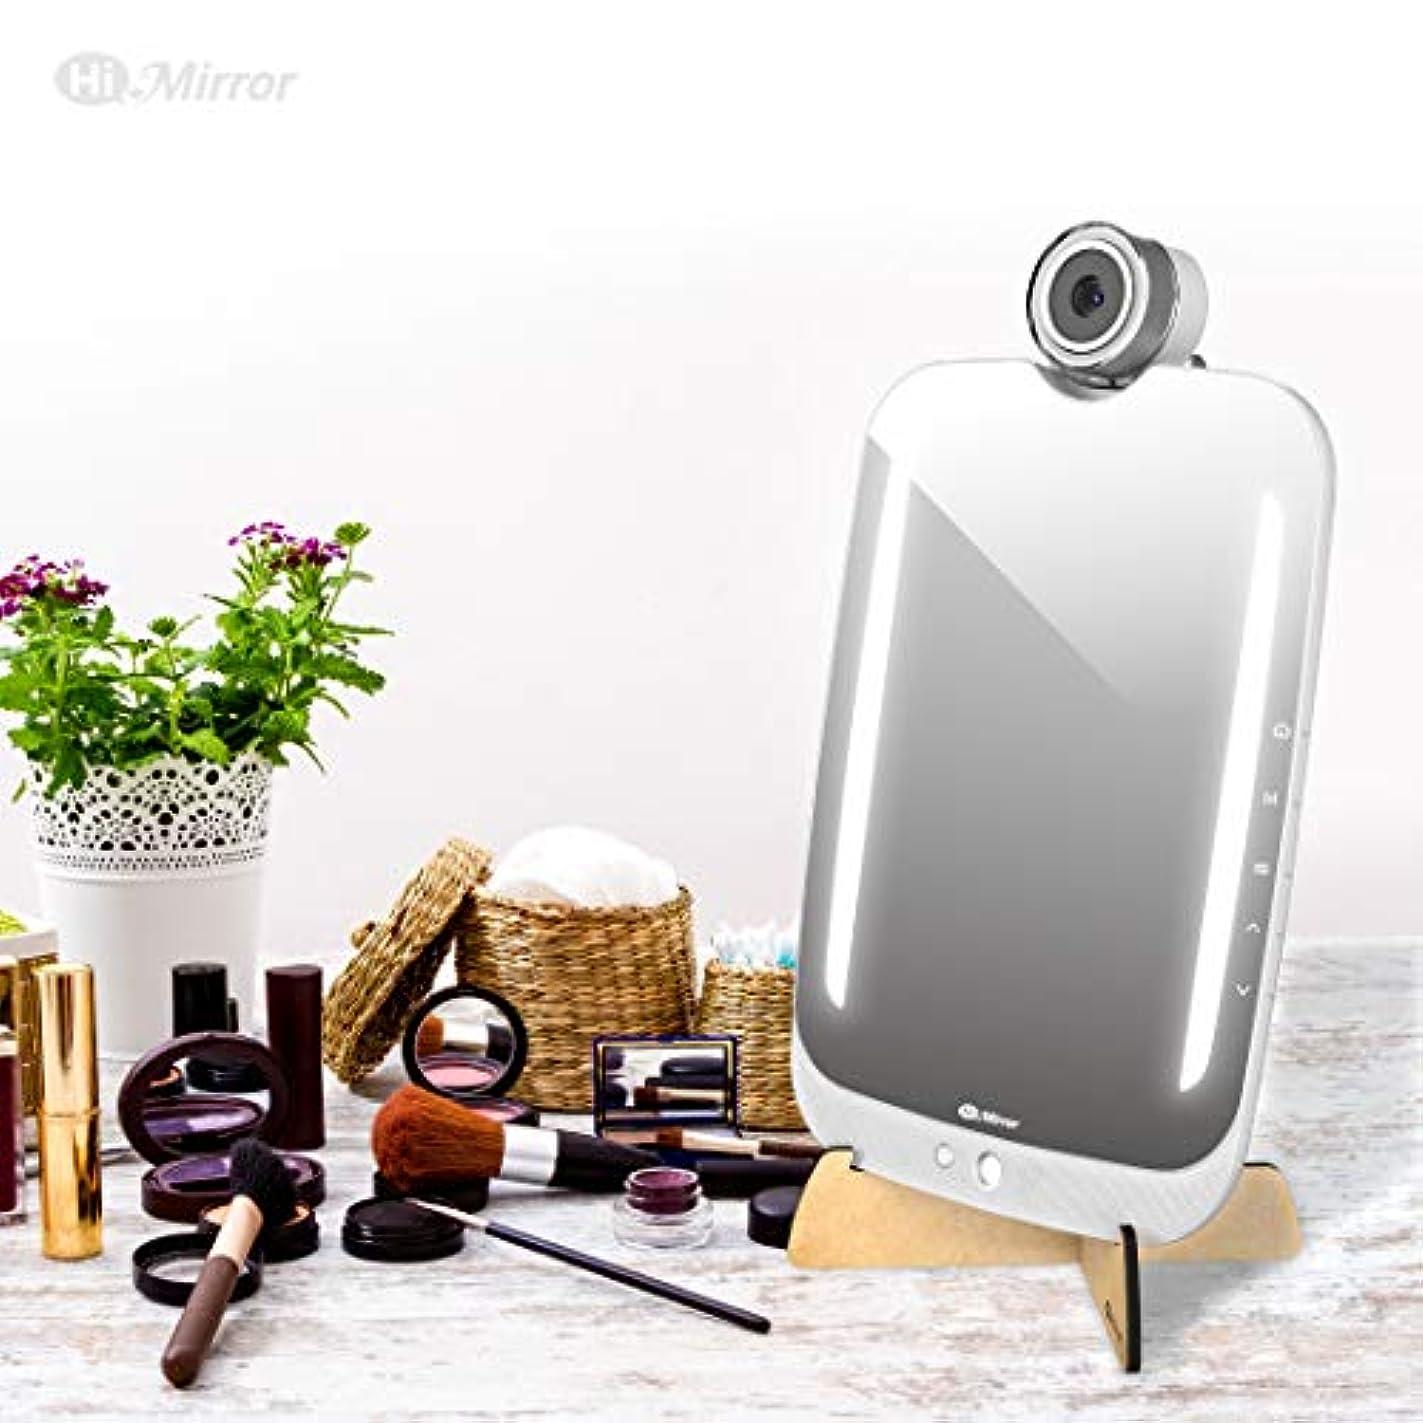 スーパー前方へアルバムHiMirrorプラス-デバイス型ビューティミラー、メイクアップシミュレーションAR新機能搭載、高精度カメラ機能とアプリケーションによる肌分析 ホワイト BM618RC00AB